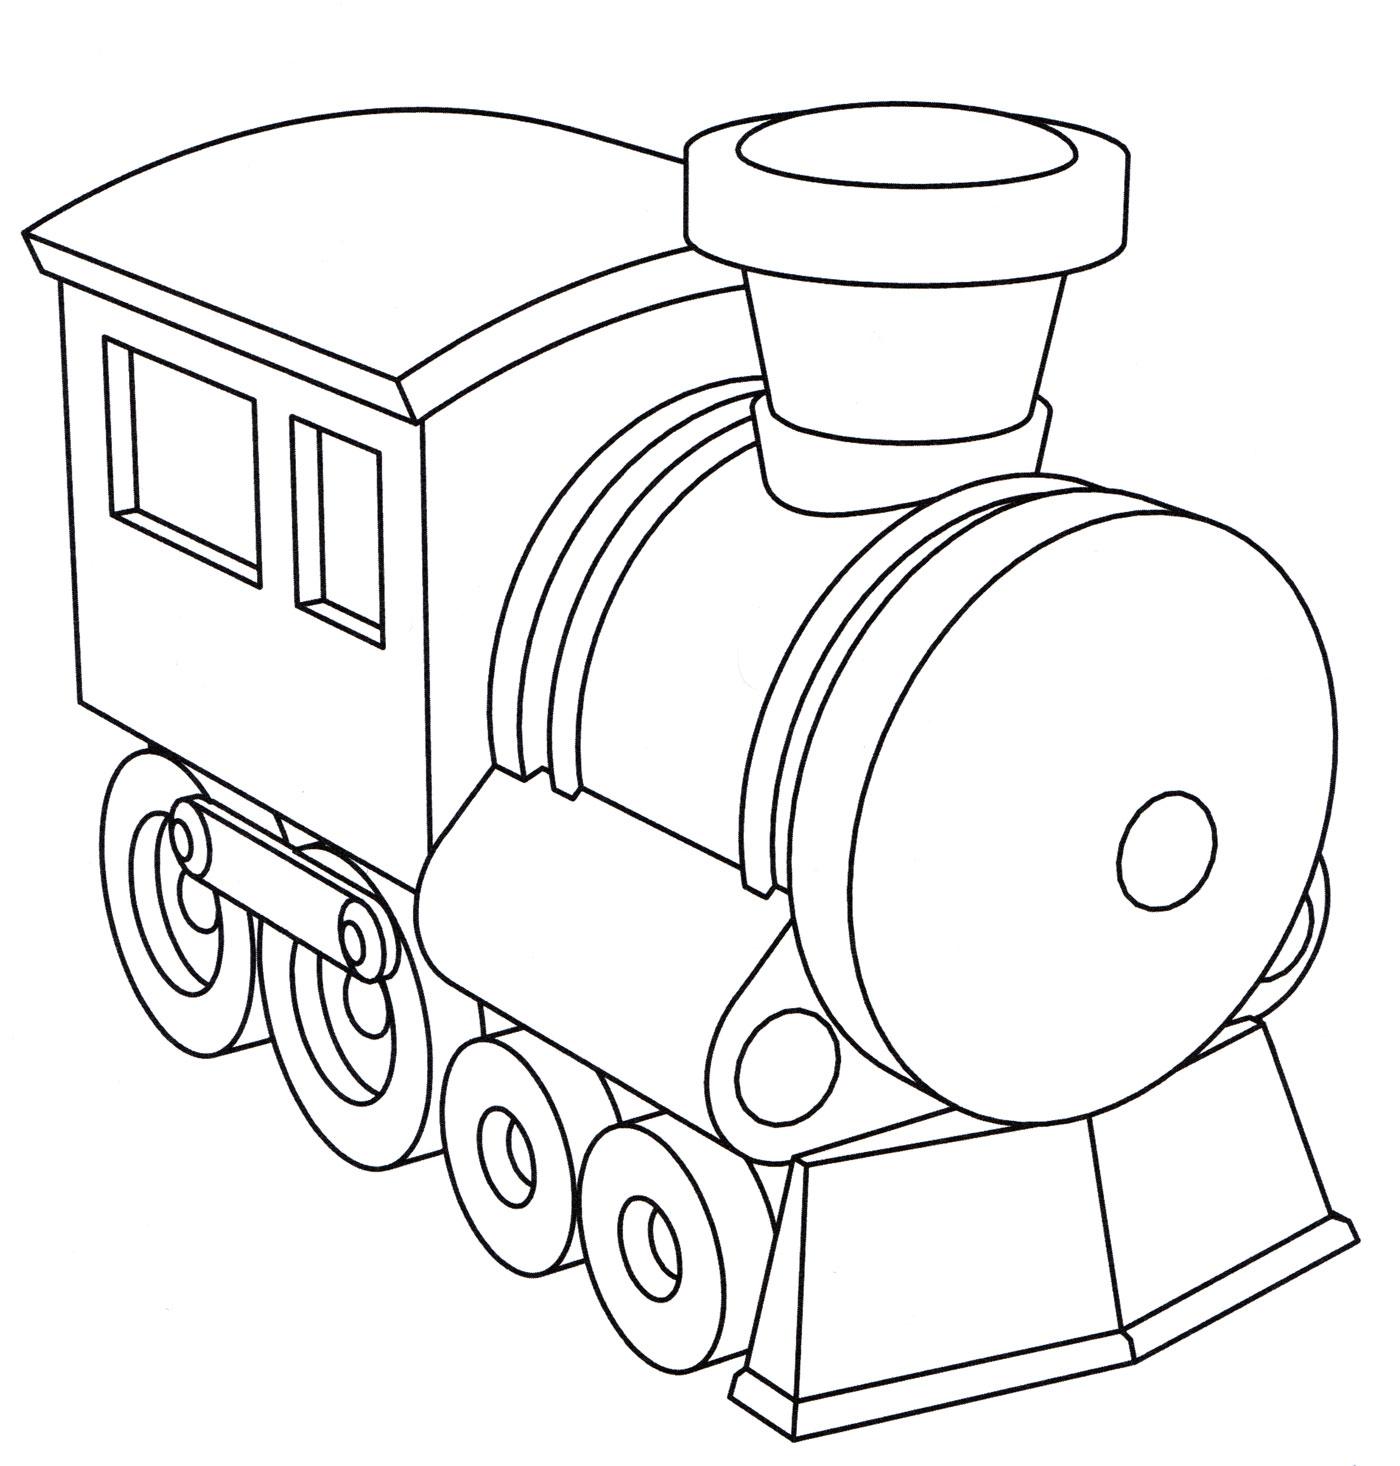 Раскраска Игрушечный паровоз, распечатать бесплатно или ...